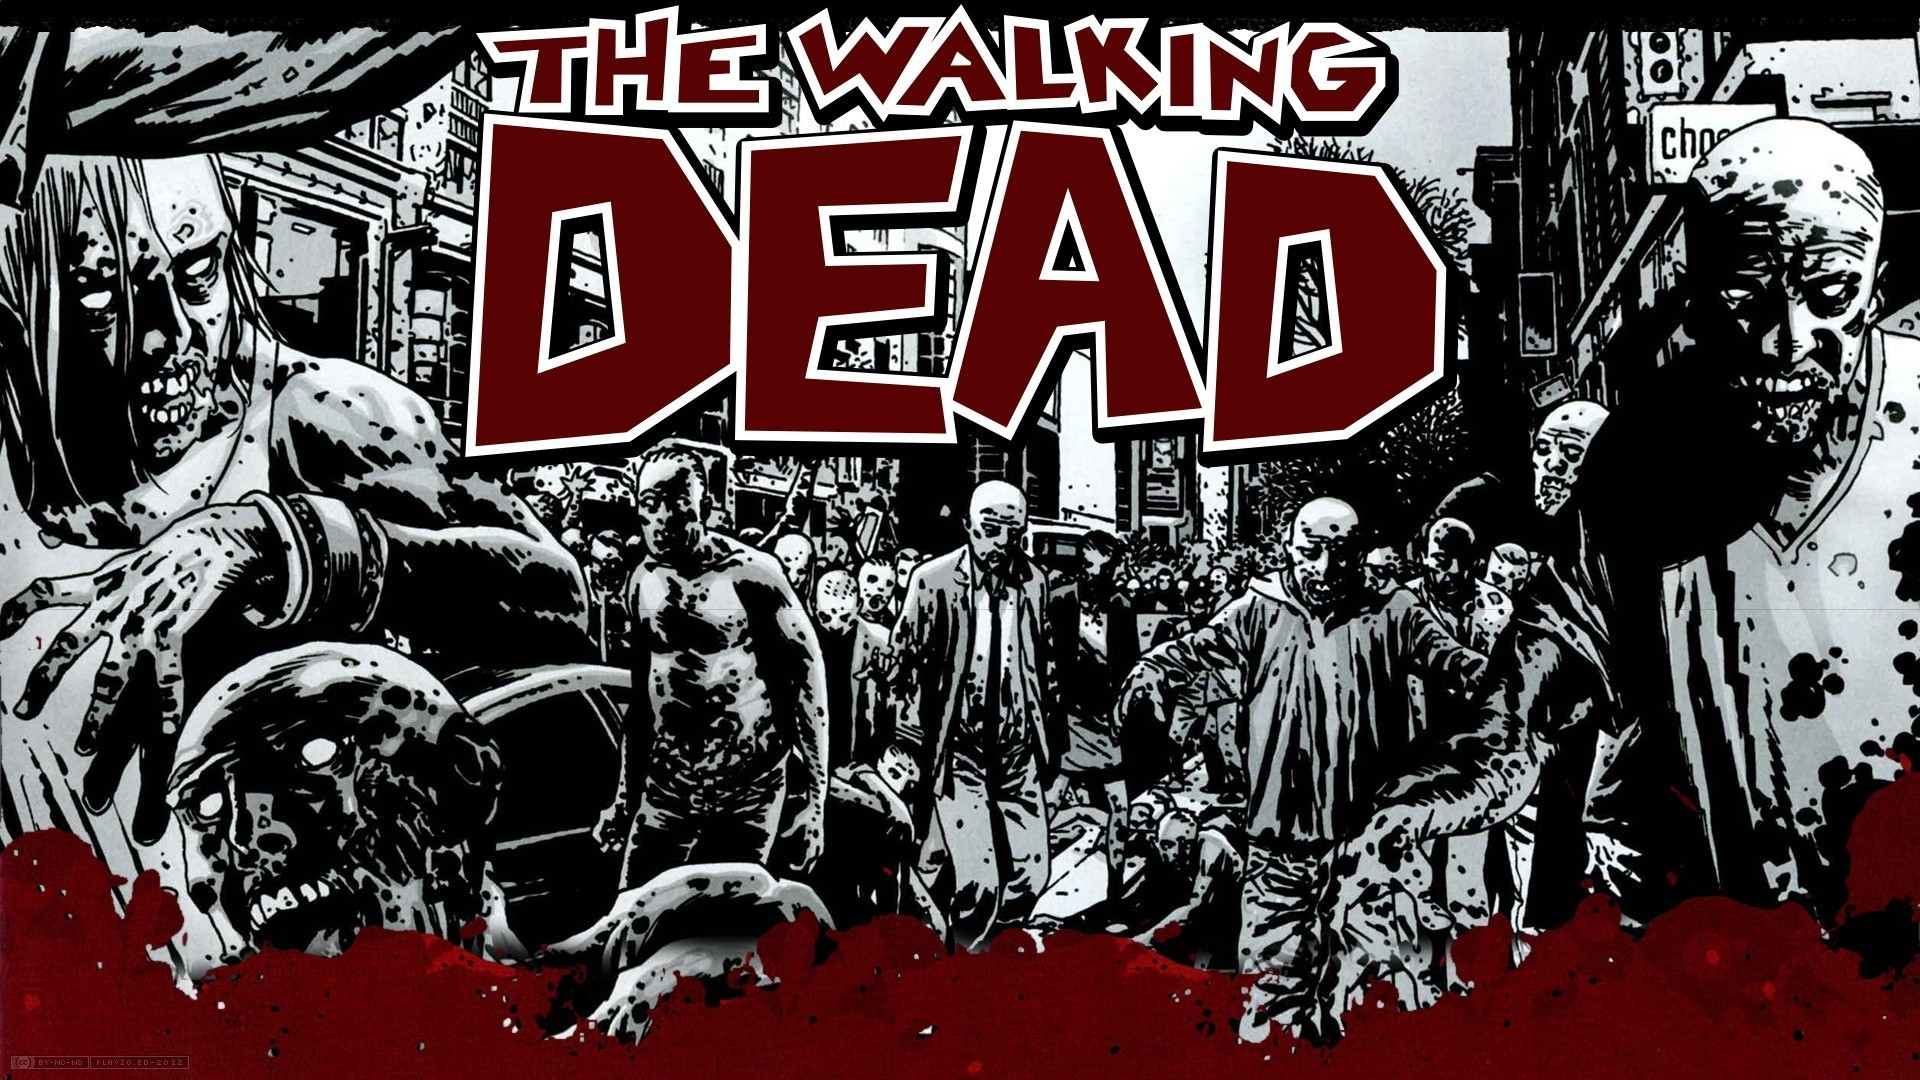 The Walking Dead Computer Wallpapers, Desktop Backgrounds 1920×1200 The  Walking Dead Desktop Backgrounds